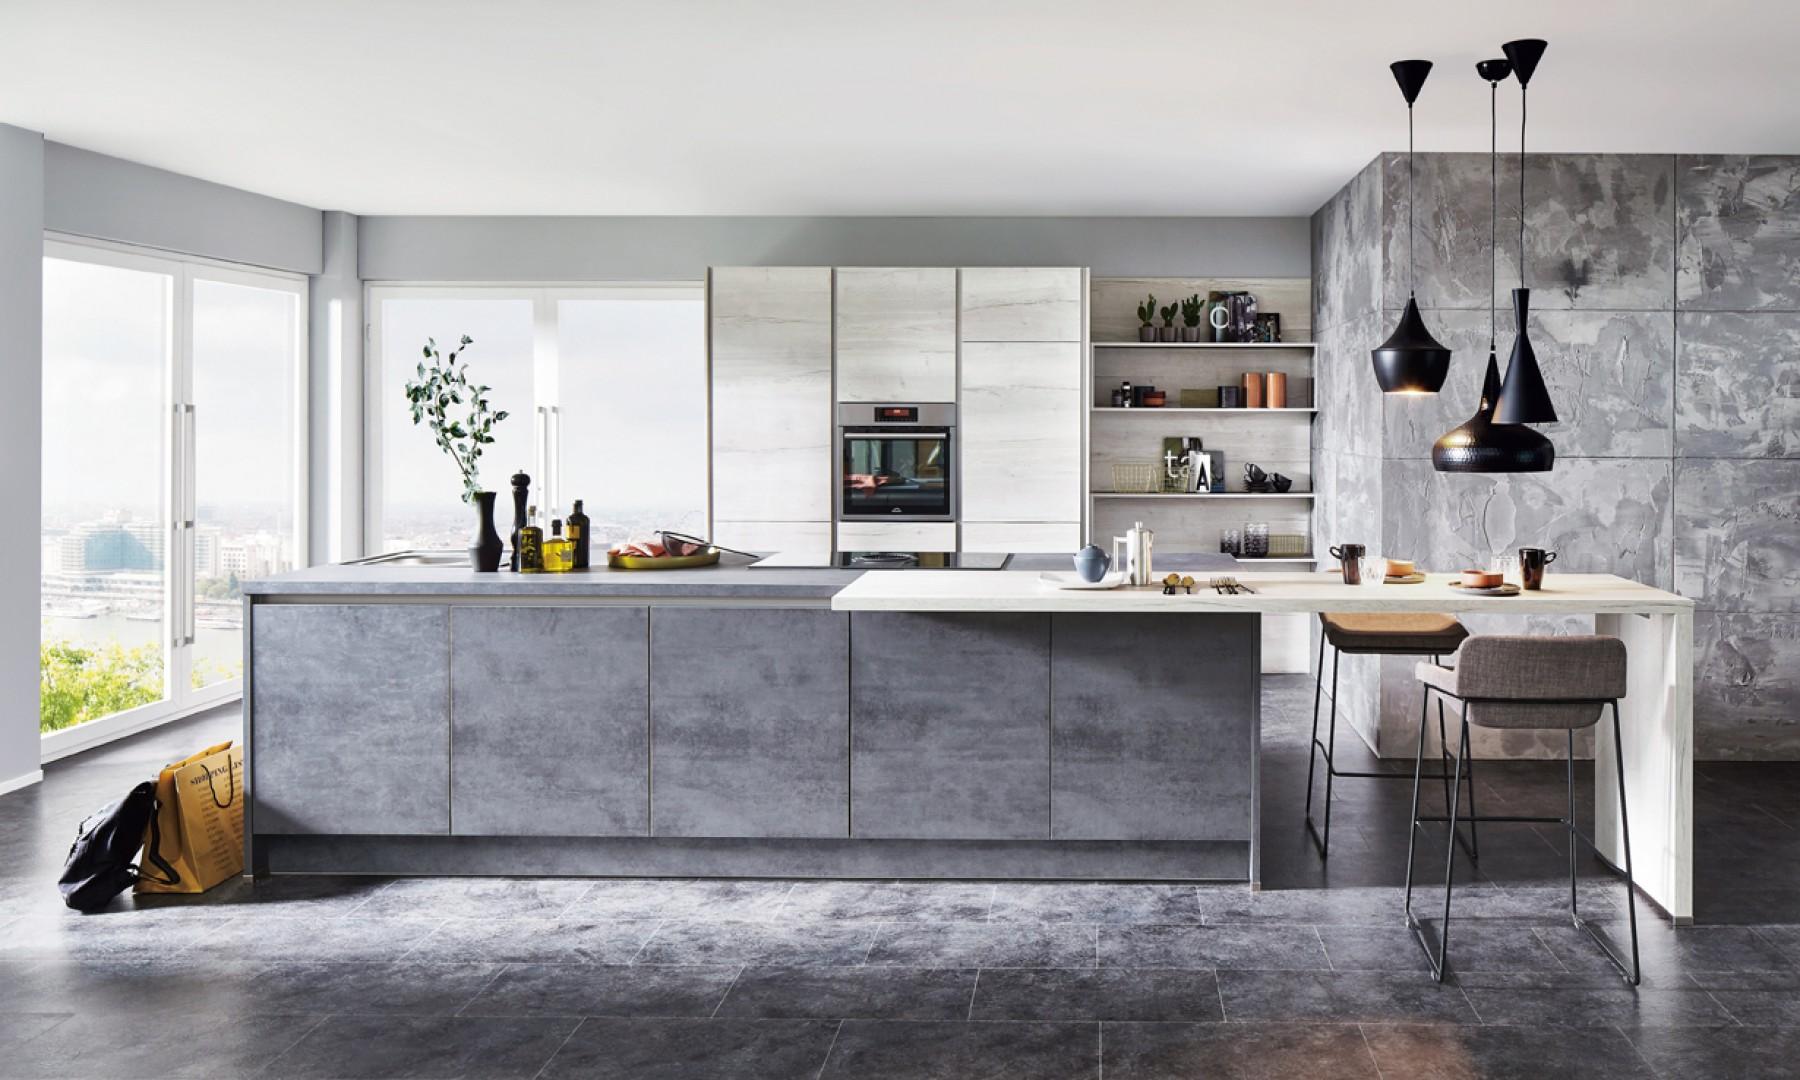 W nowoczesnej kuchni dobrze wyglądają fronty przypominające fakturą i kolorem chłodny beton. Fot. Verle Kuchen